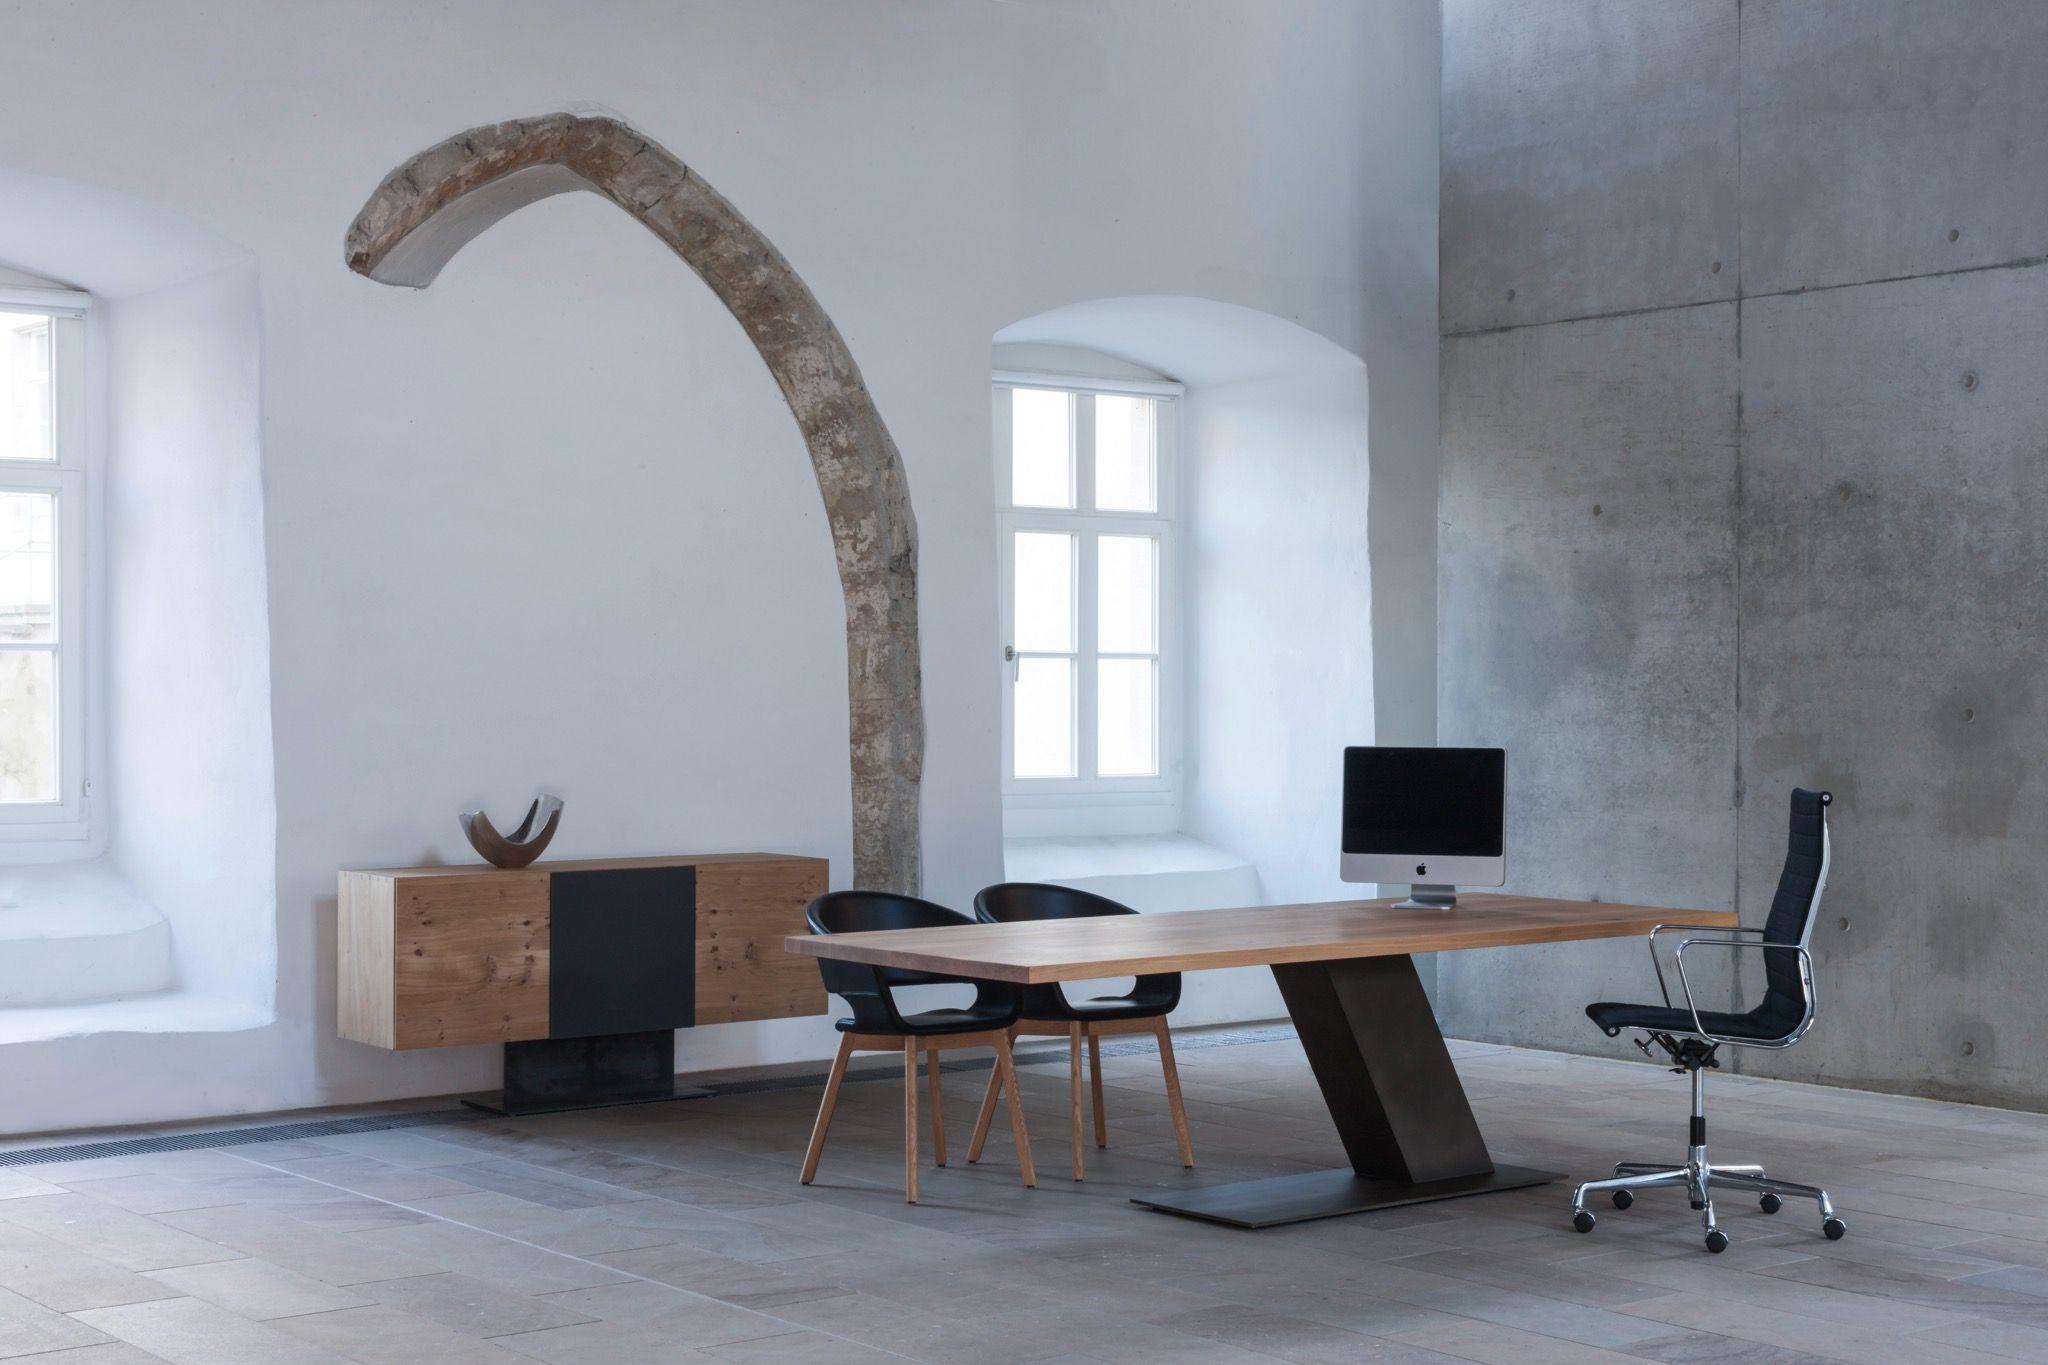 unsere konferenztische werden aus massivholz gefertigt exclusives und zeitloses design f r ein. Black Bedroom Furniture Sets. Home Design Ideas